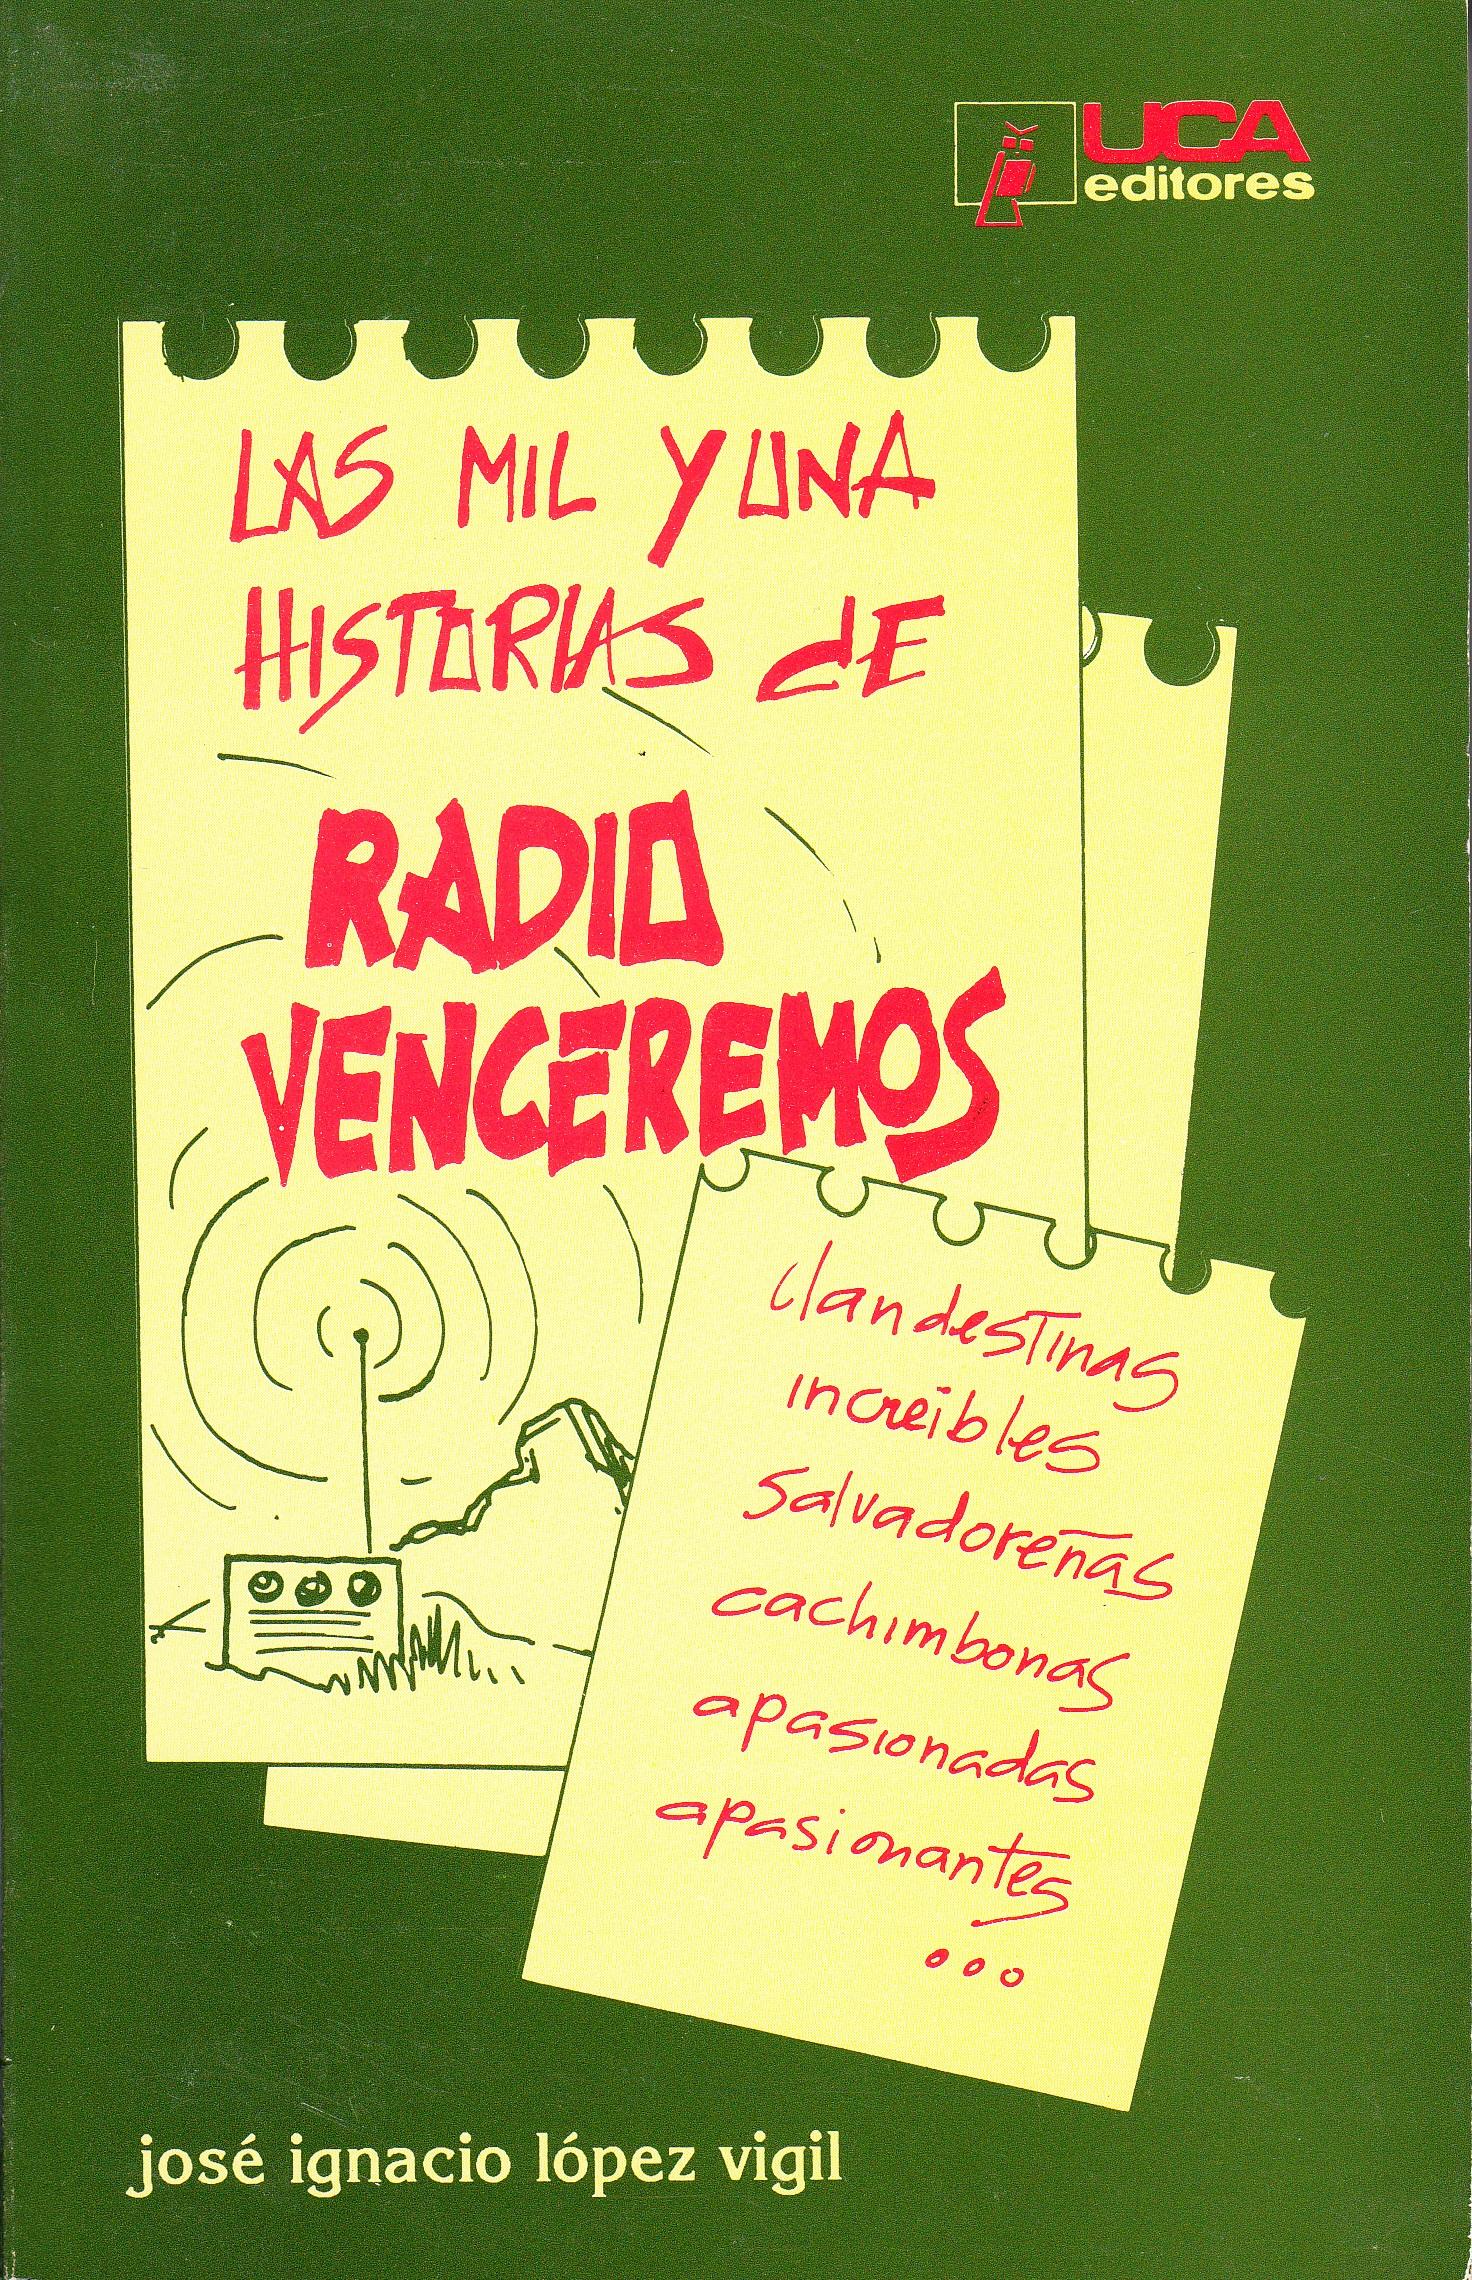 Resultado de imagen para caratula libro 1000 historias de la radio venceremos